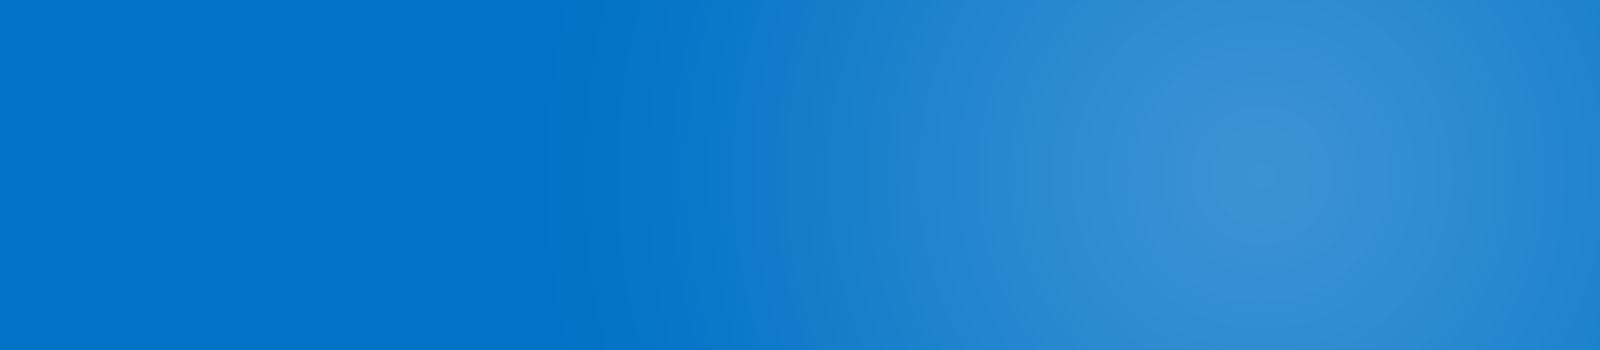 Tenha um Excelente Website a partir de 250 € + IVA – TERMINADO